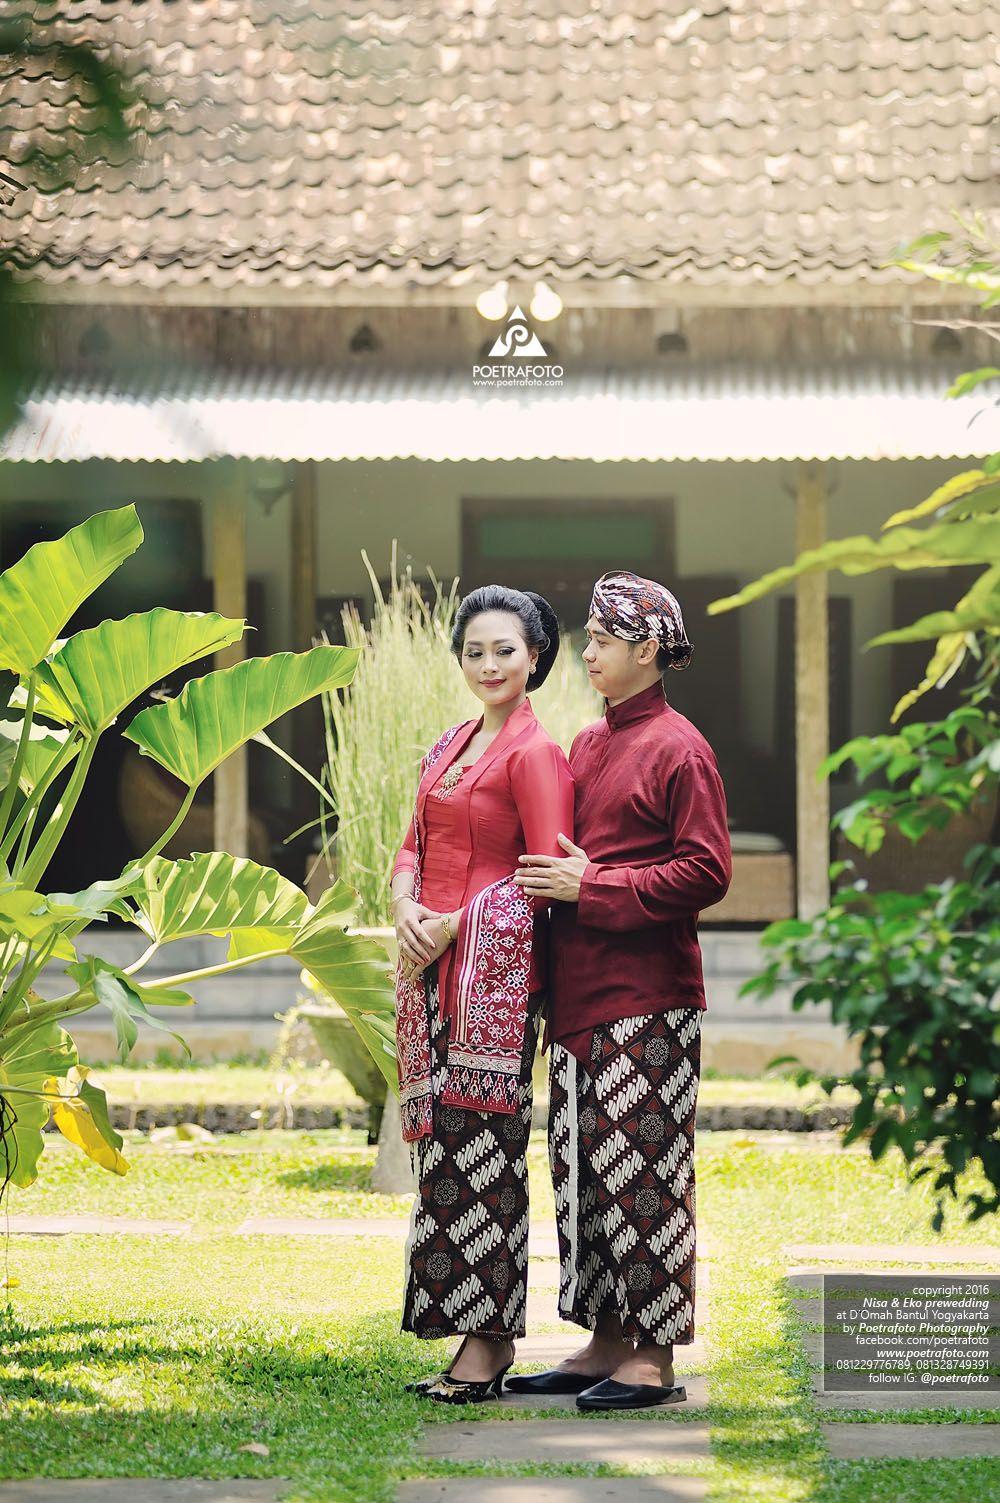 Prewedding Jawa Romantis Unik 17 Foto Prewed Adat Jawa Outdoor Indoor D Omah Jogja Nesa Eko Foto Perkawinan Pose Perkawinan Fotografer